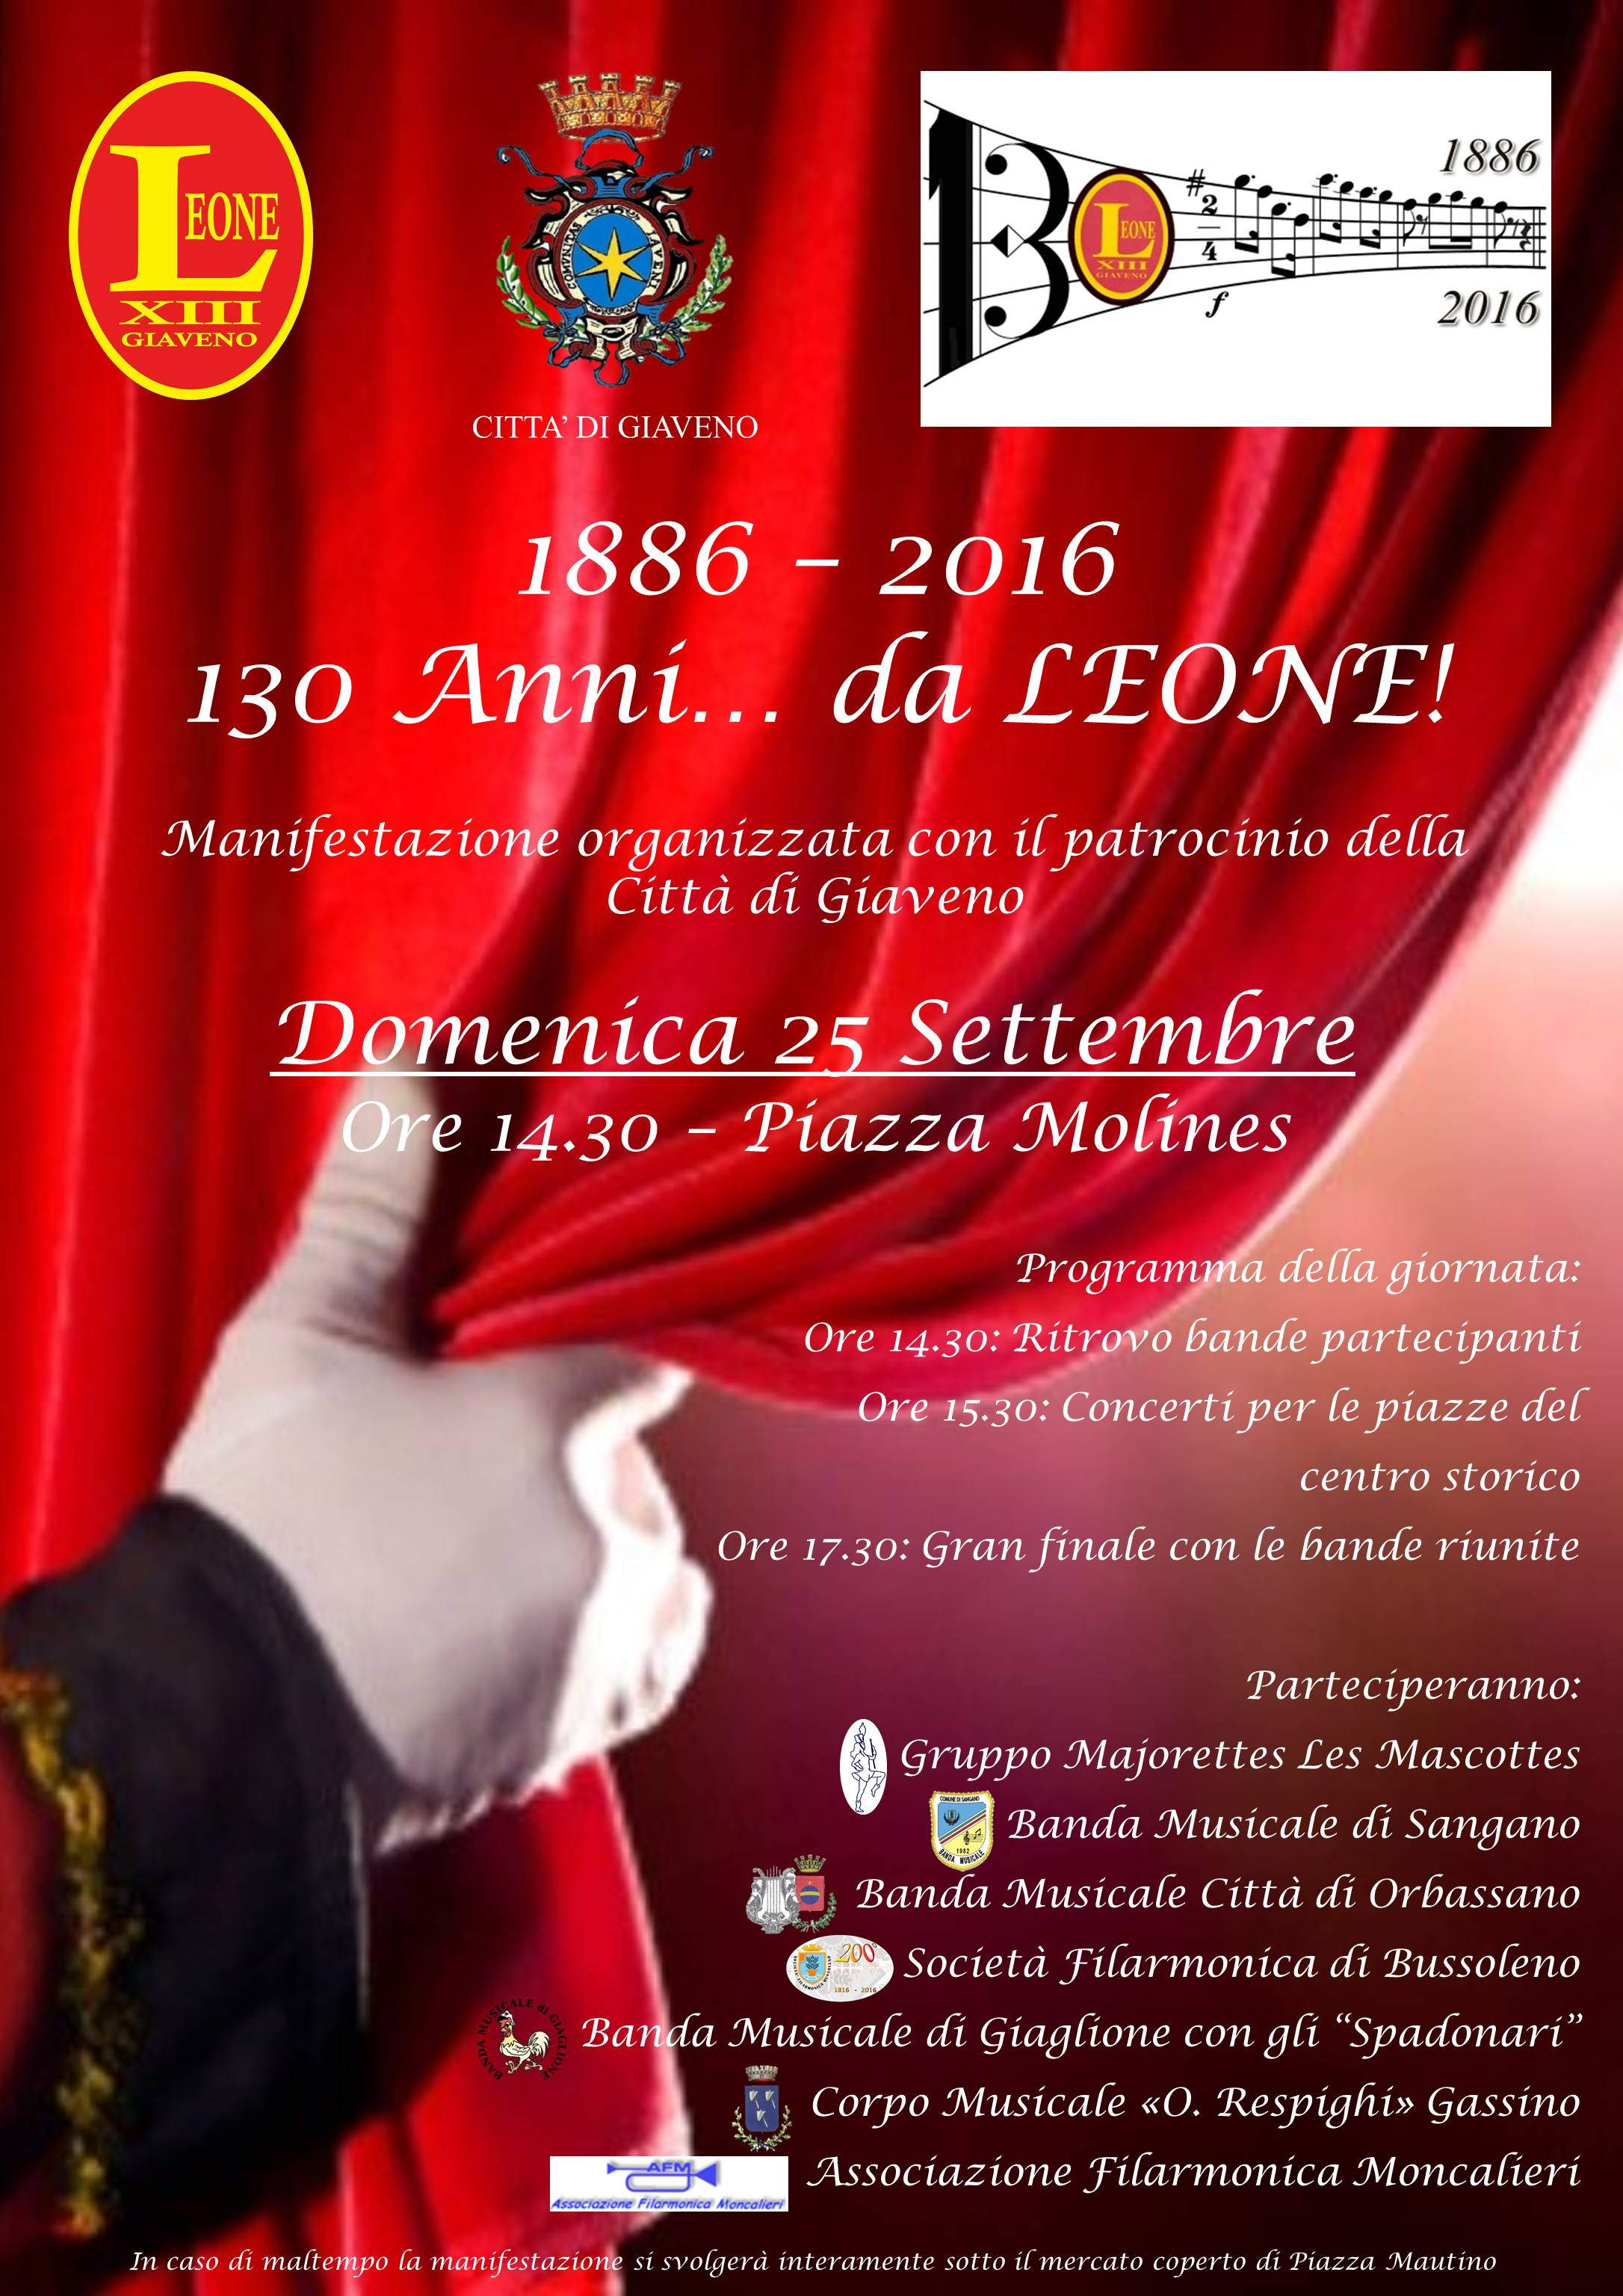 Festeggiamenti per i 130 anni della Banda Musicale Leone XIII – domenica 25 settembre 2016